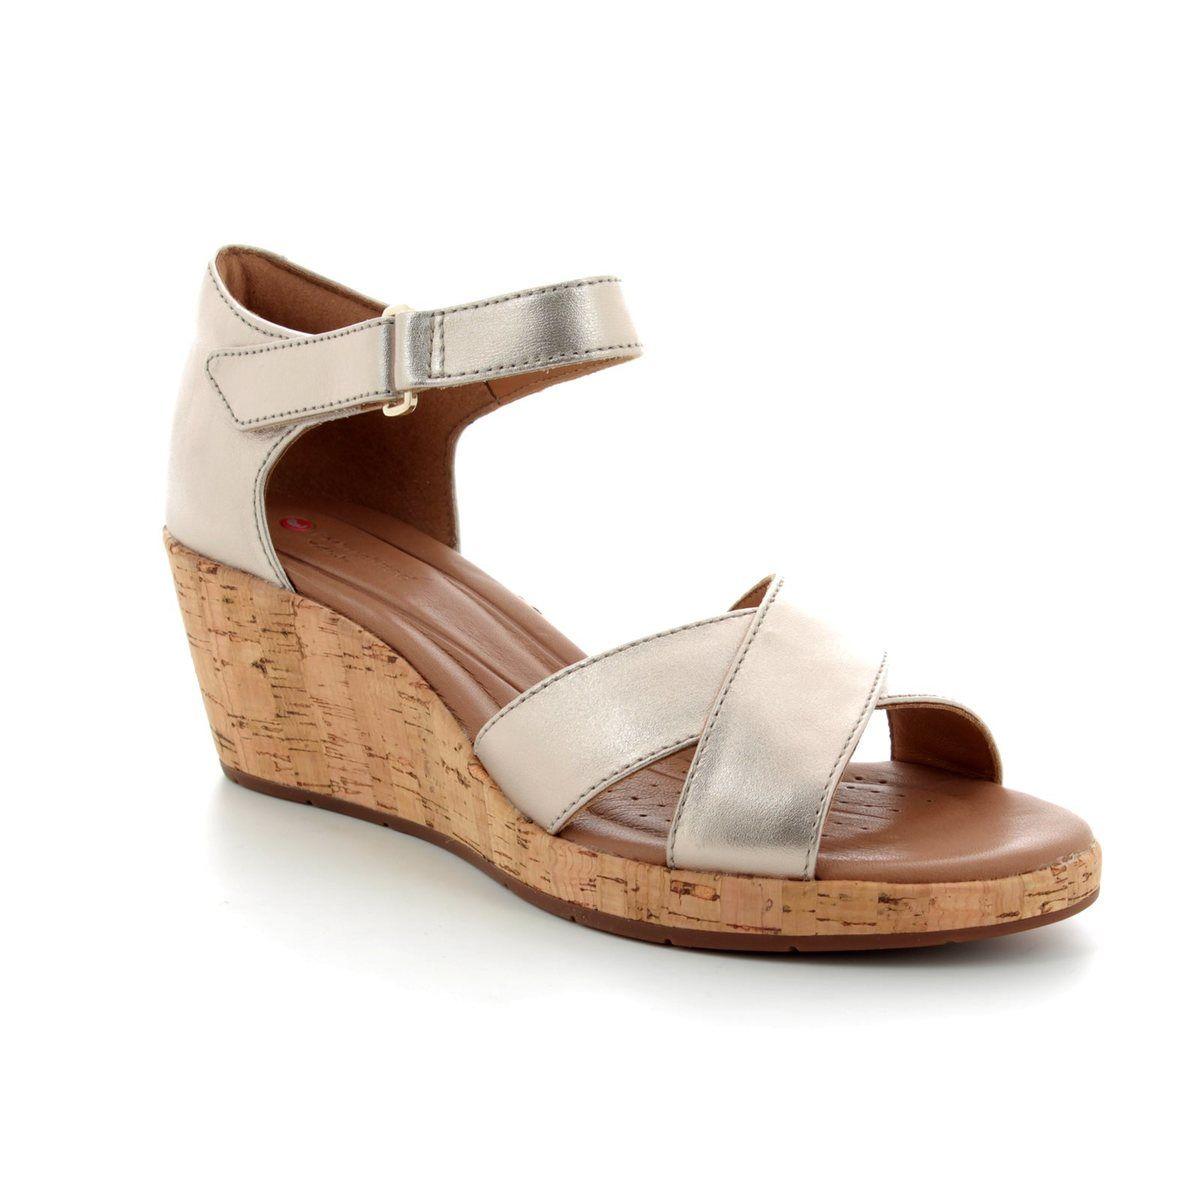 a2d9c2a1f5a Clarks Wedge Sandals - Gold - 3232 54D UN PLAZA CROSS